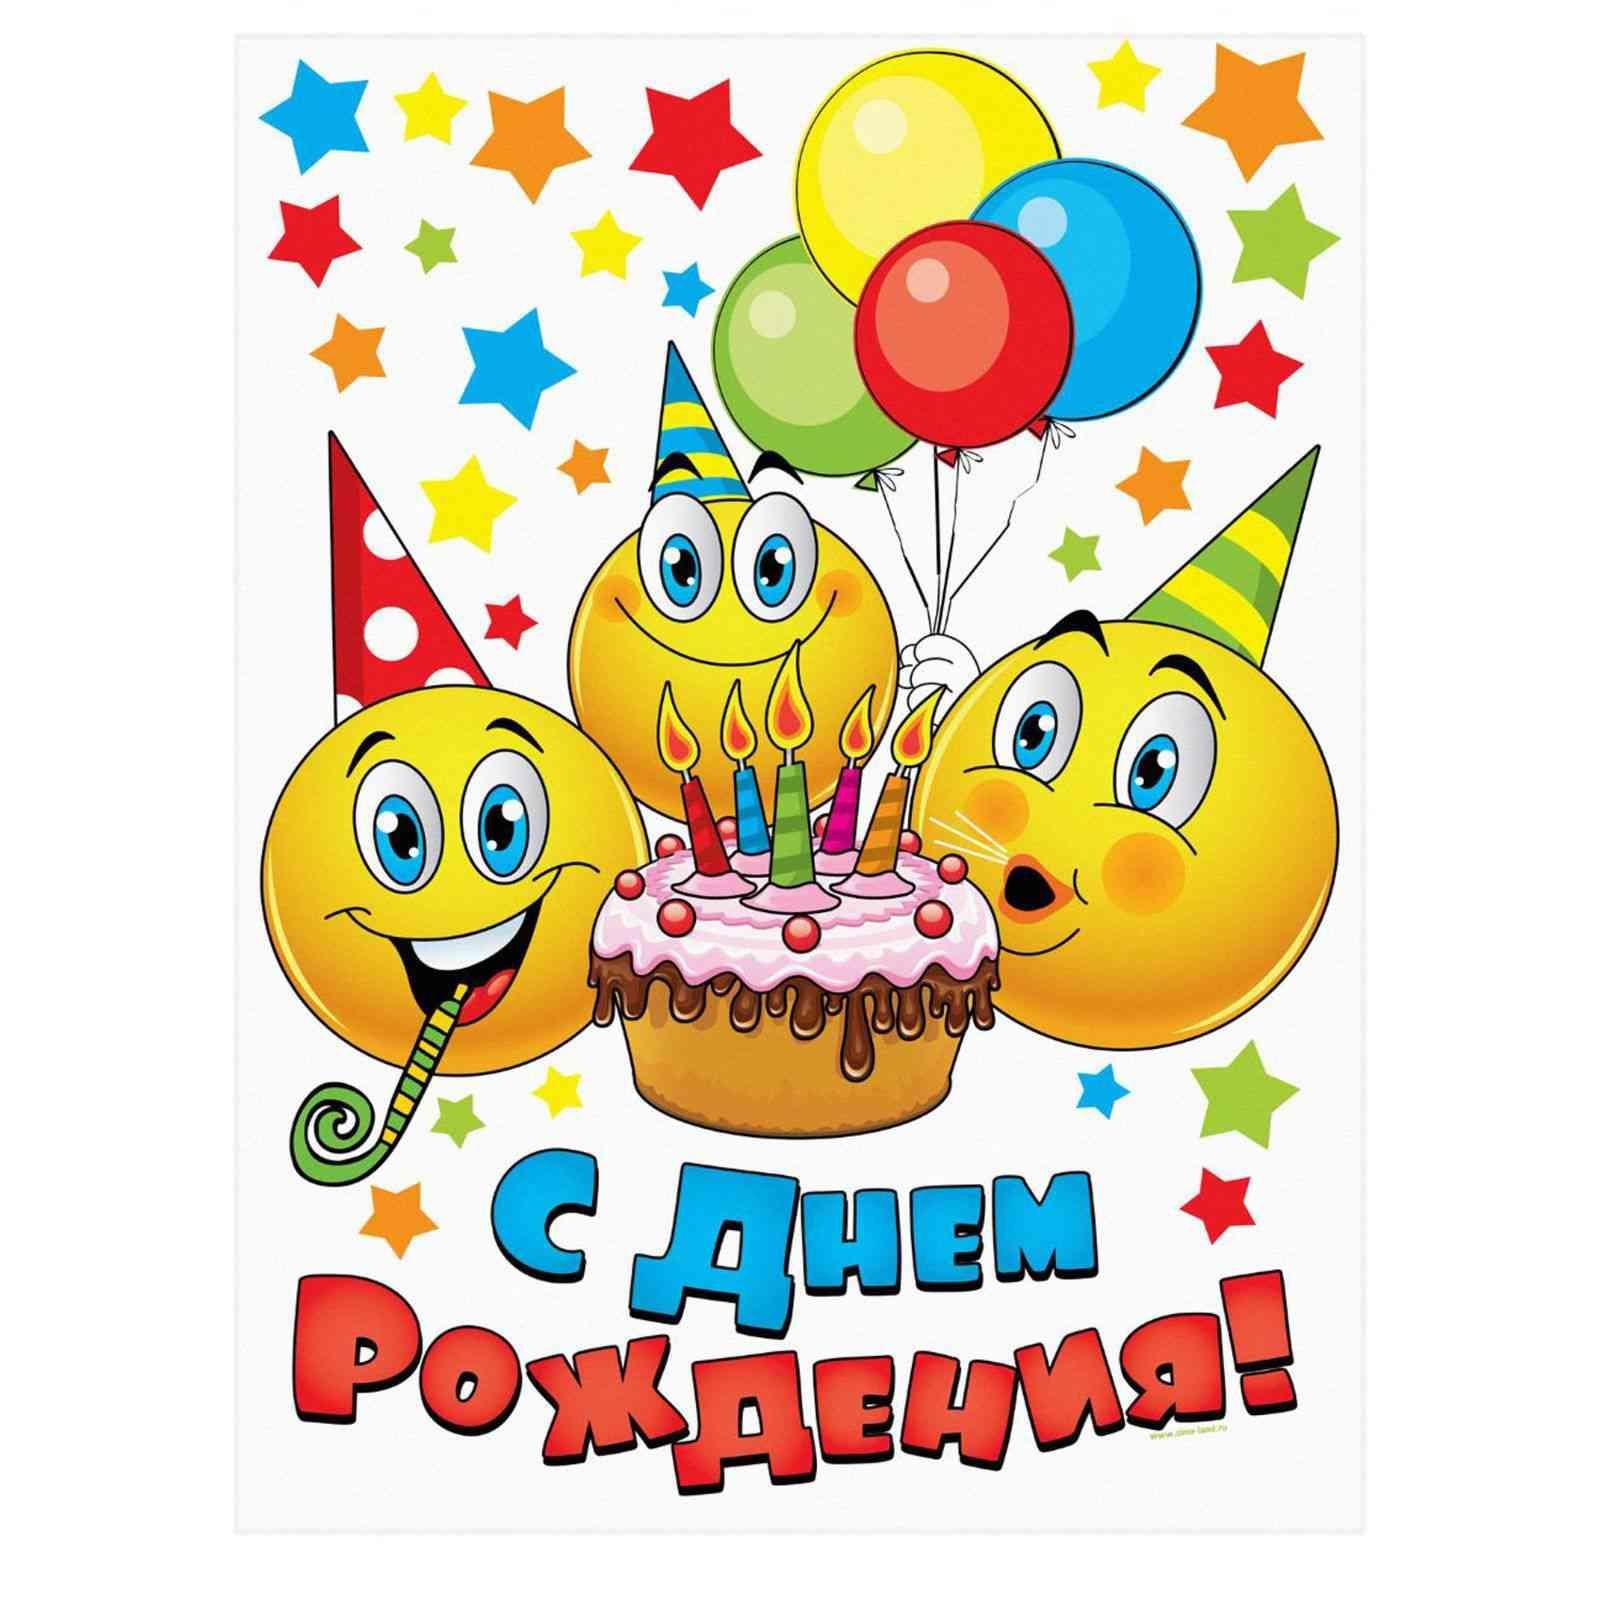 предлагаем вам картинка с днем рождения наладчику открытия графических файлов